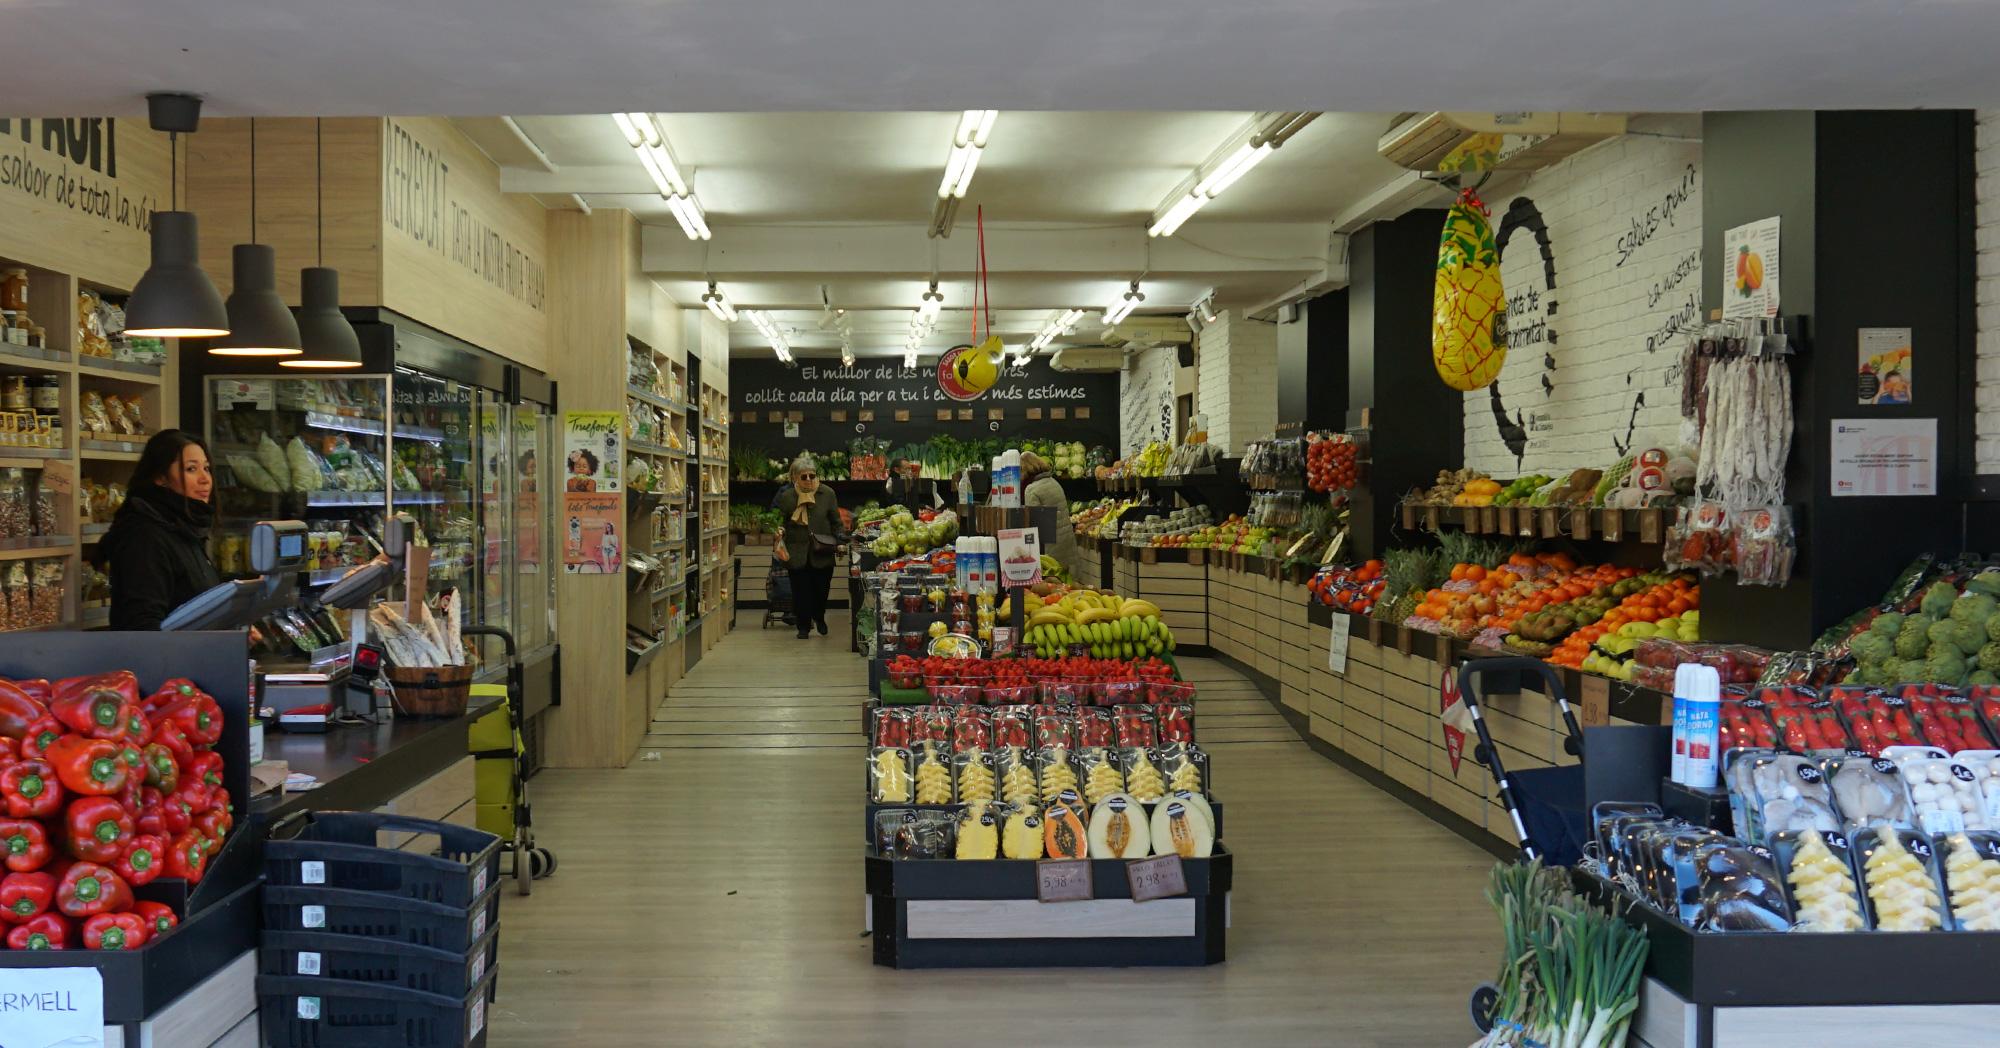 Benvinguts a Servifruit,<br/> Més de 20 anys venen salut !